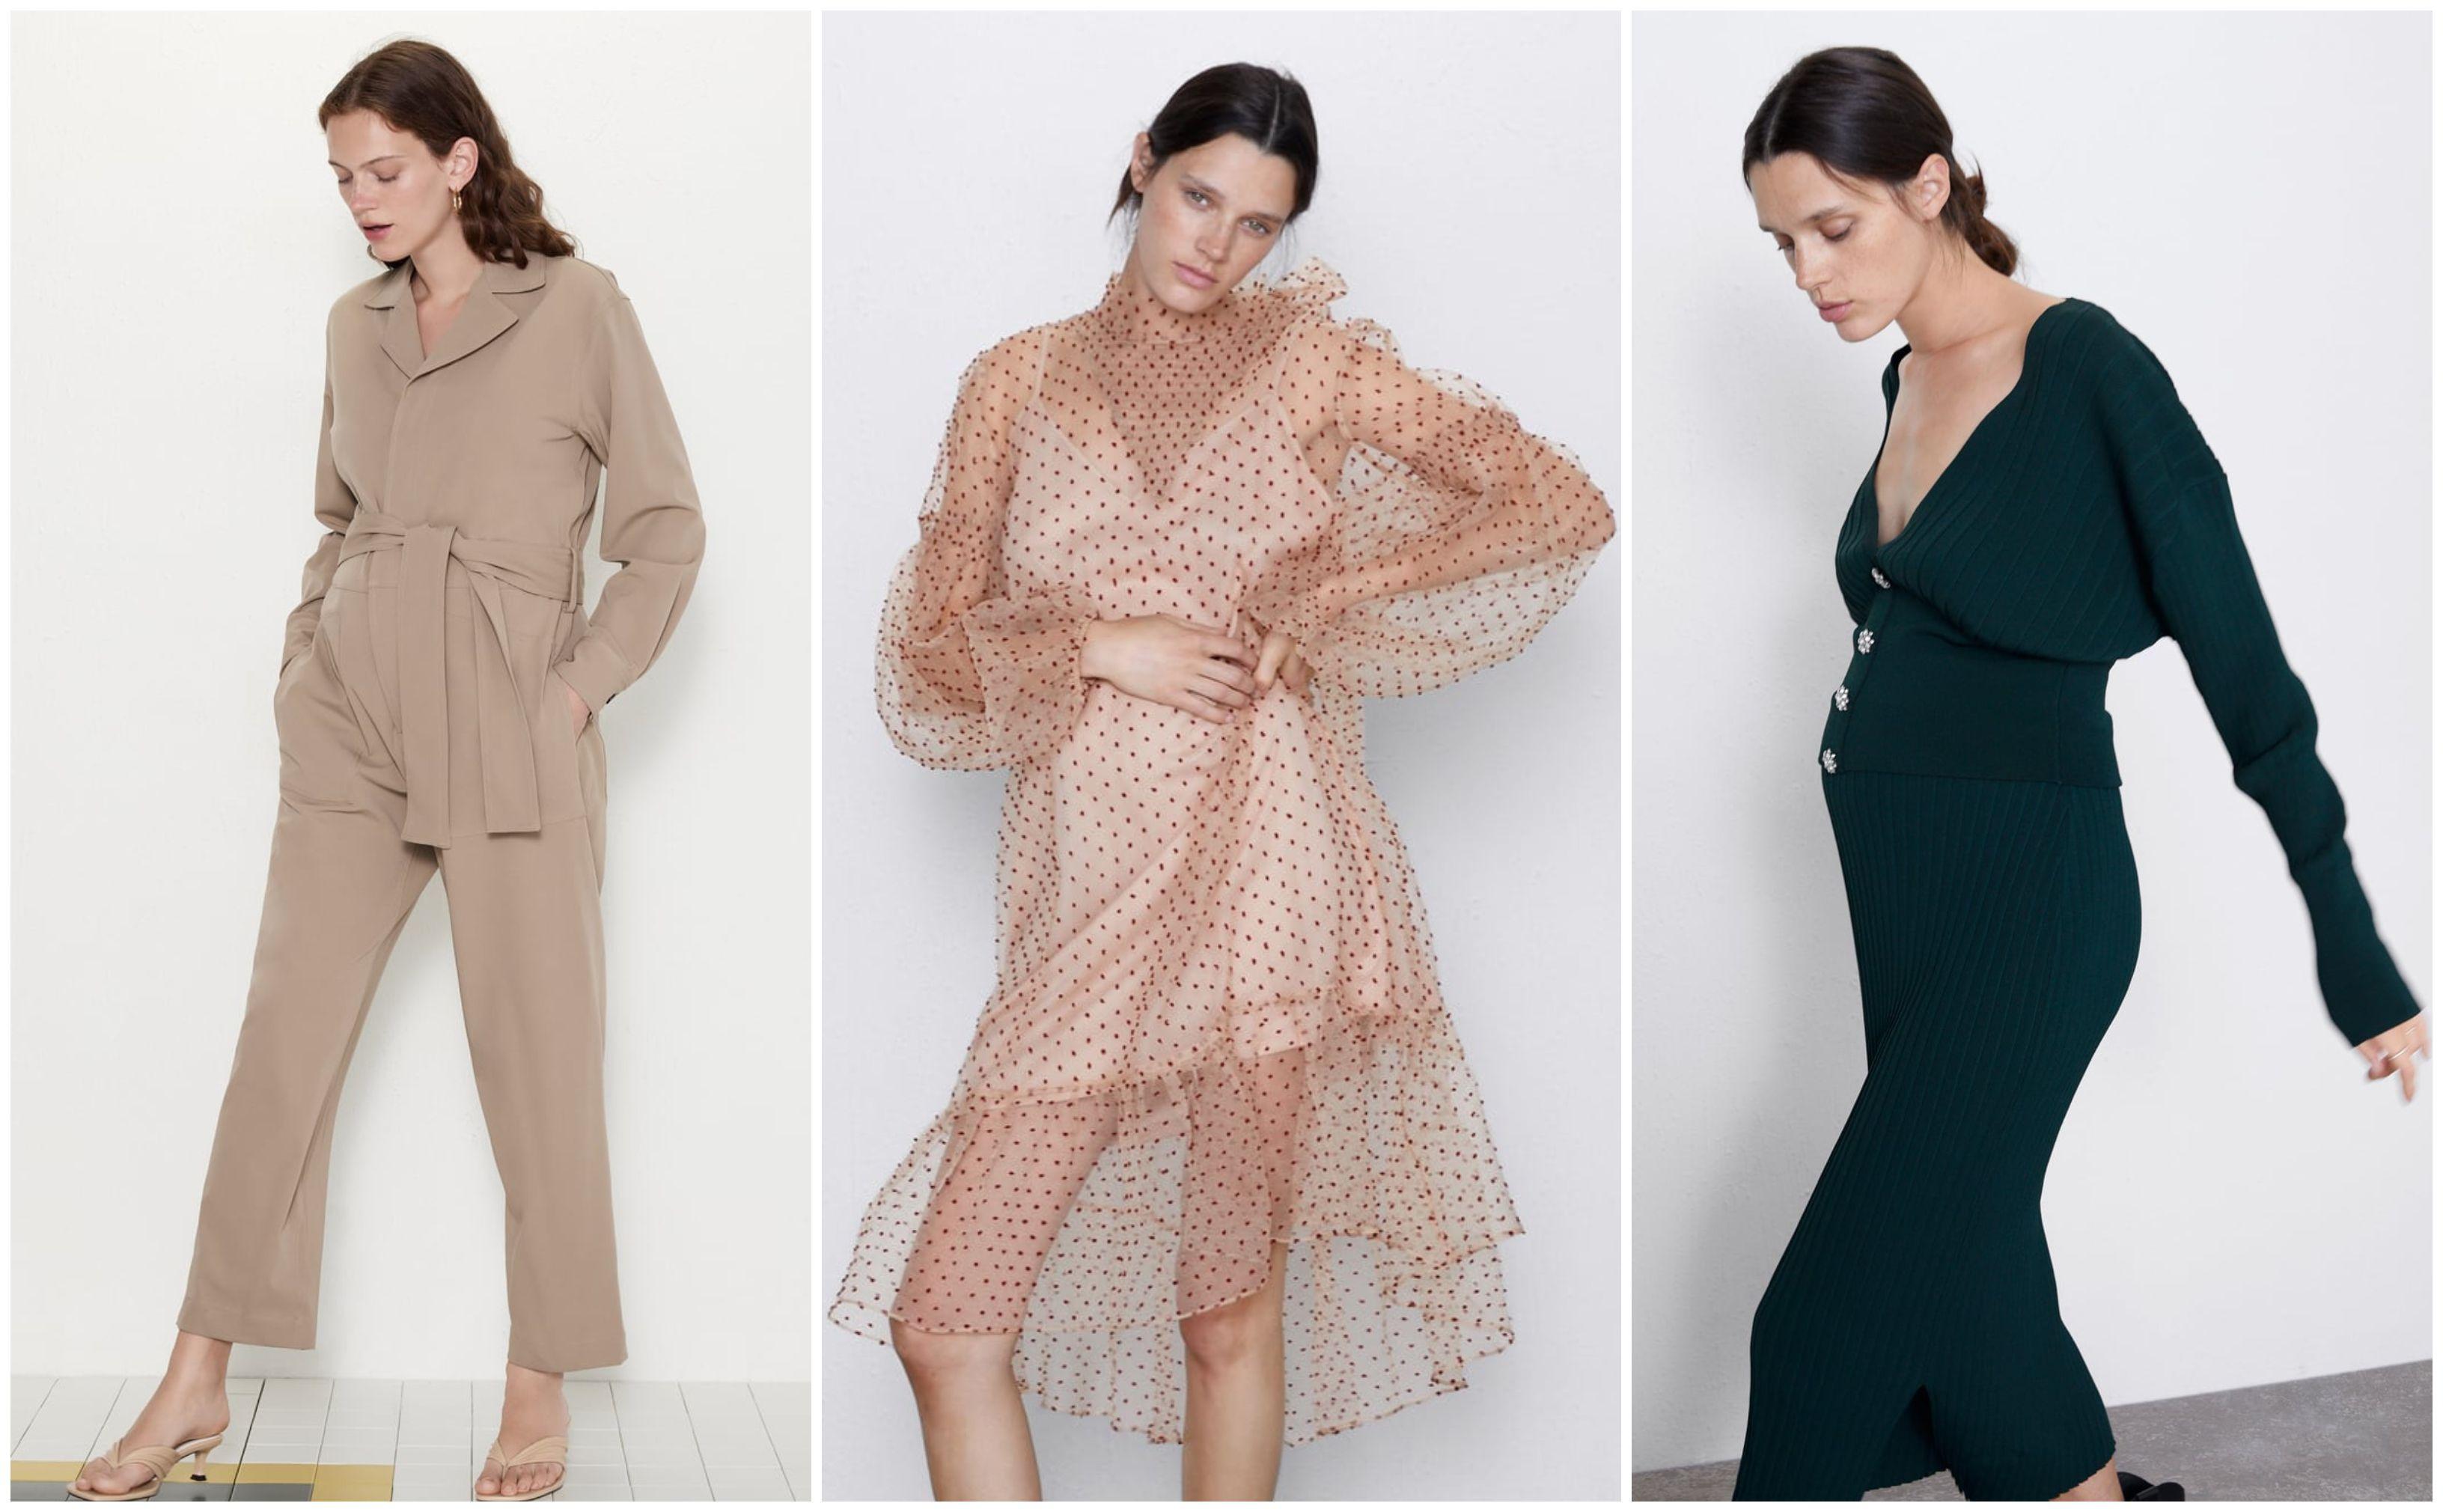 Zarina kolekcija za buduće mame: Izdvojili smo najljepše odjevne komade namijenjene trudnicama